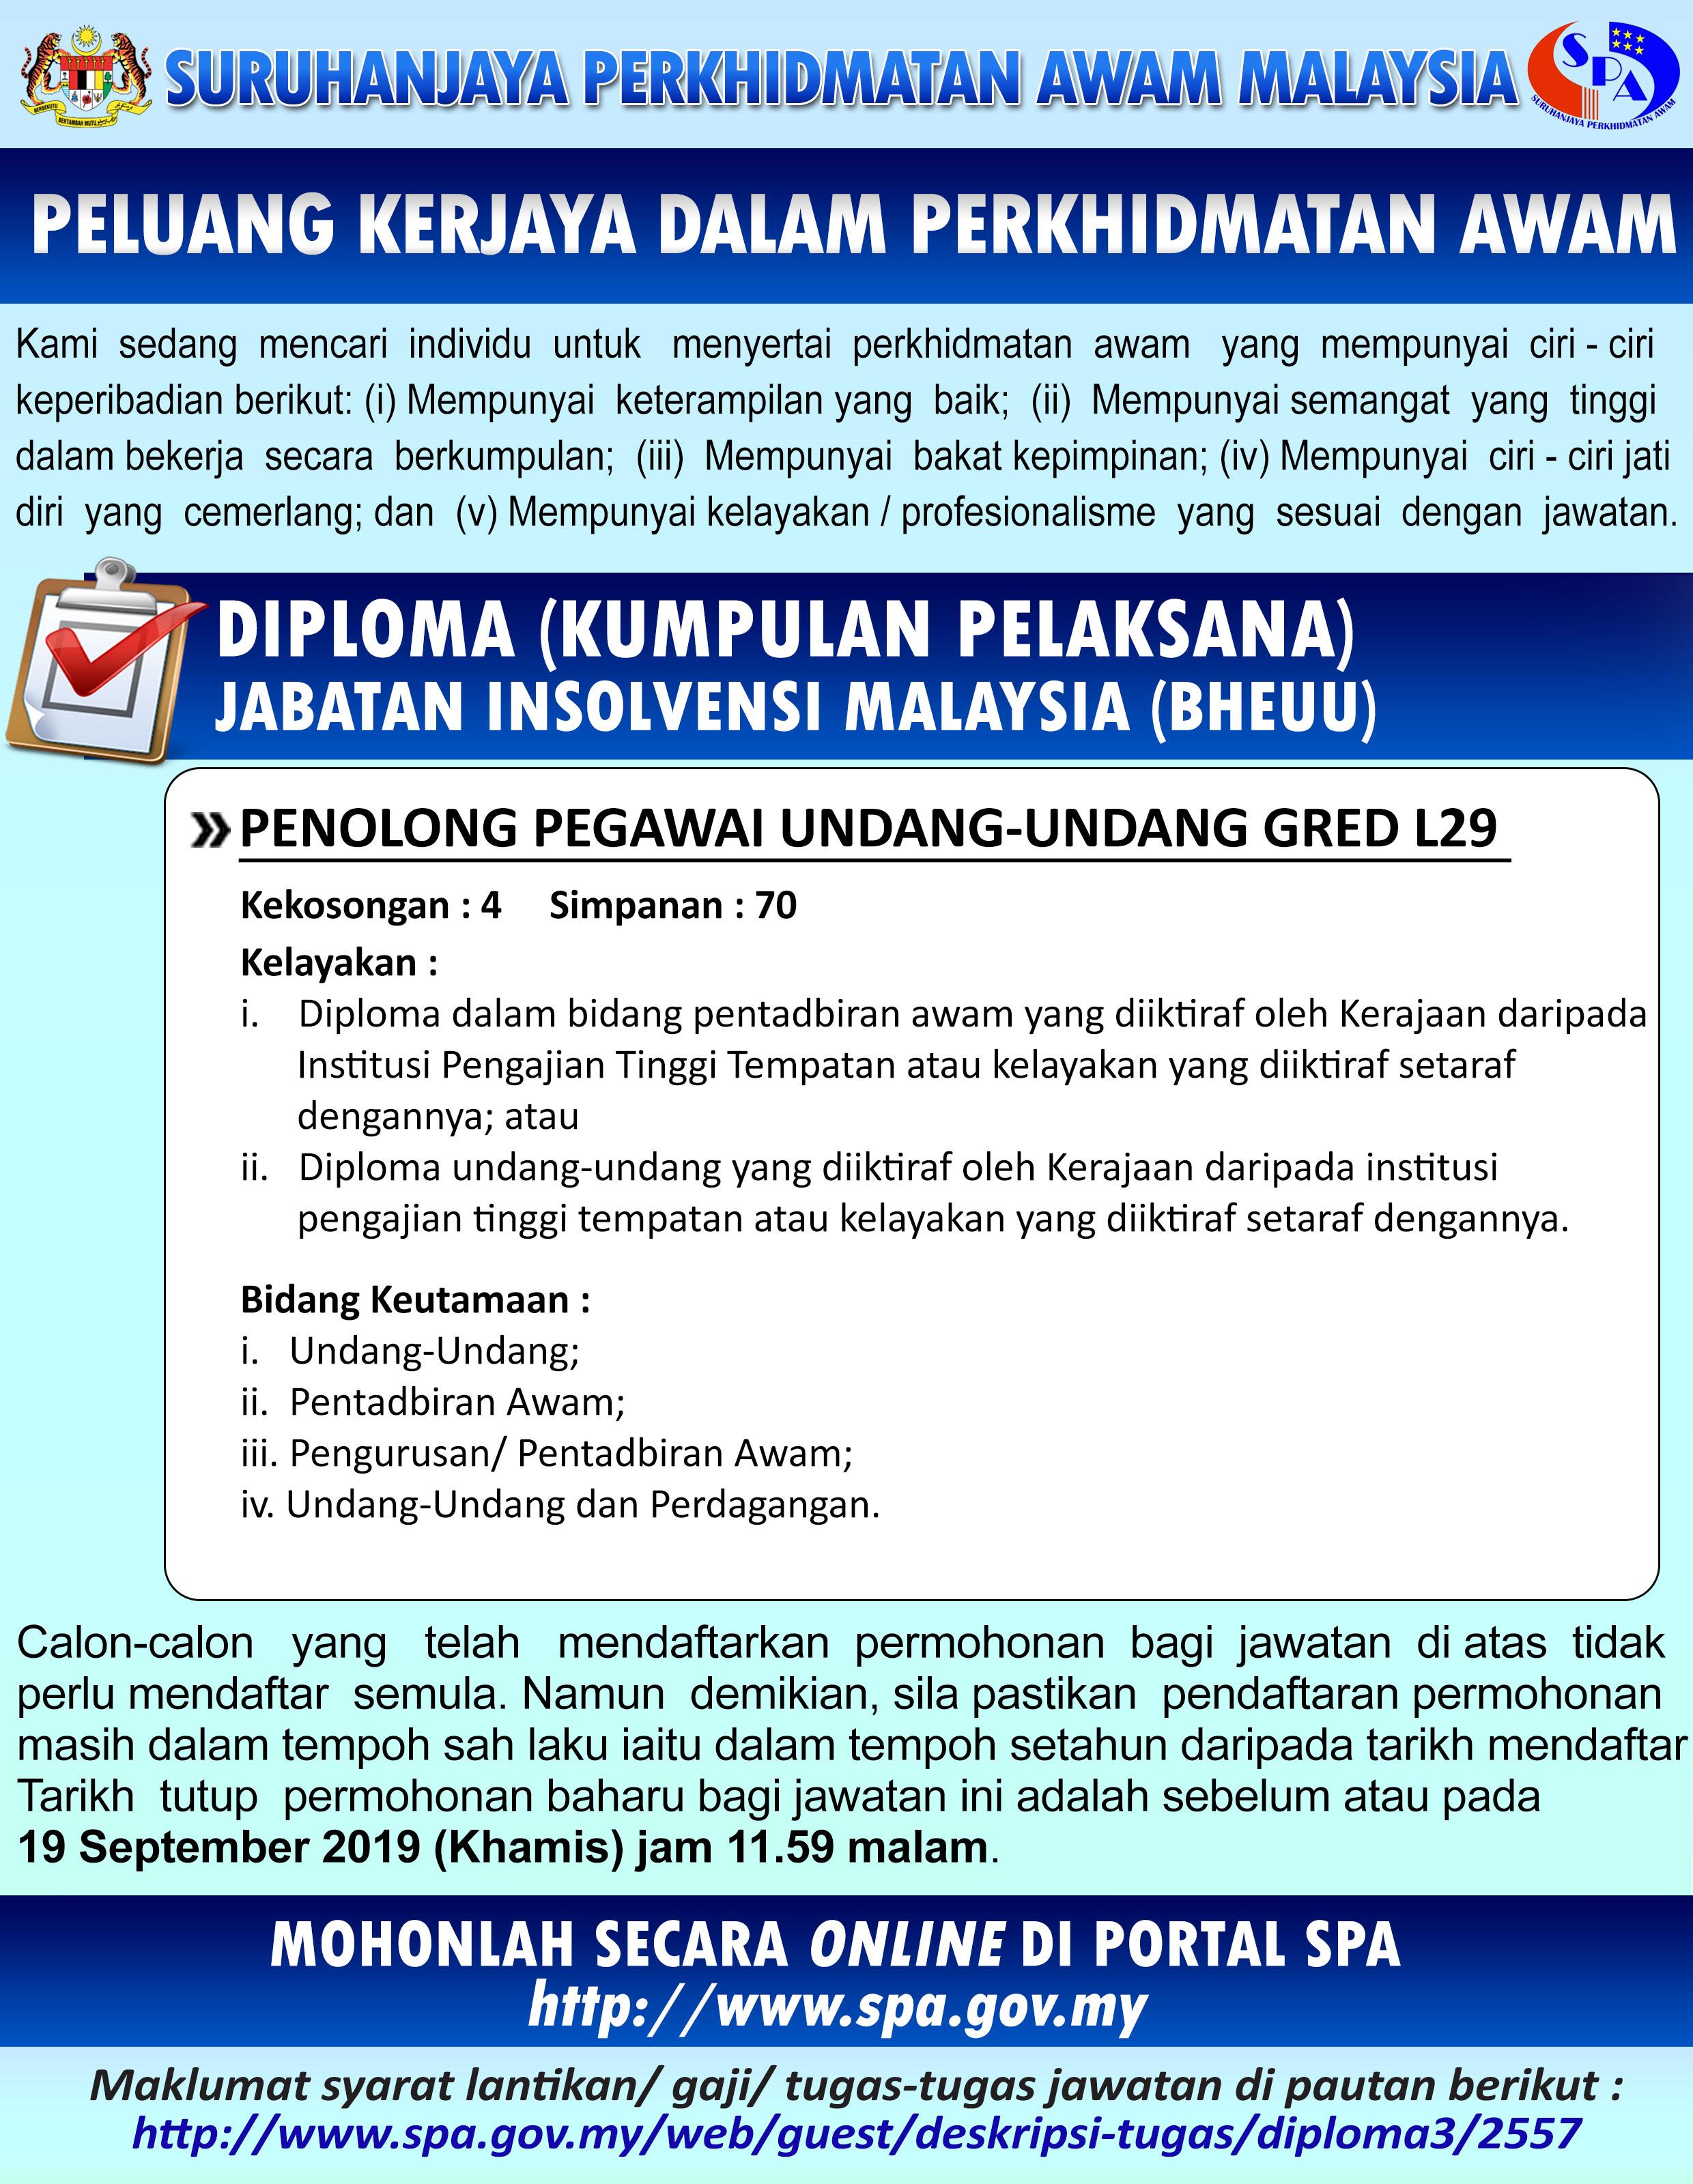 Iklan Jawatan Jabatan Insolvensi Malaysia (BHEUU)